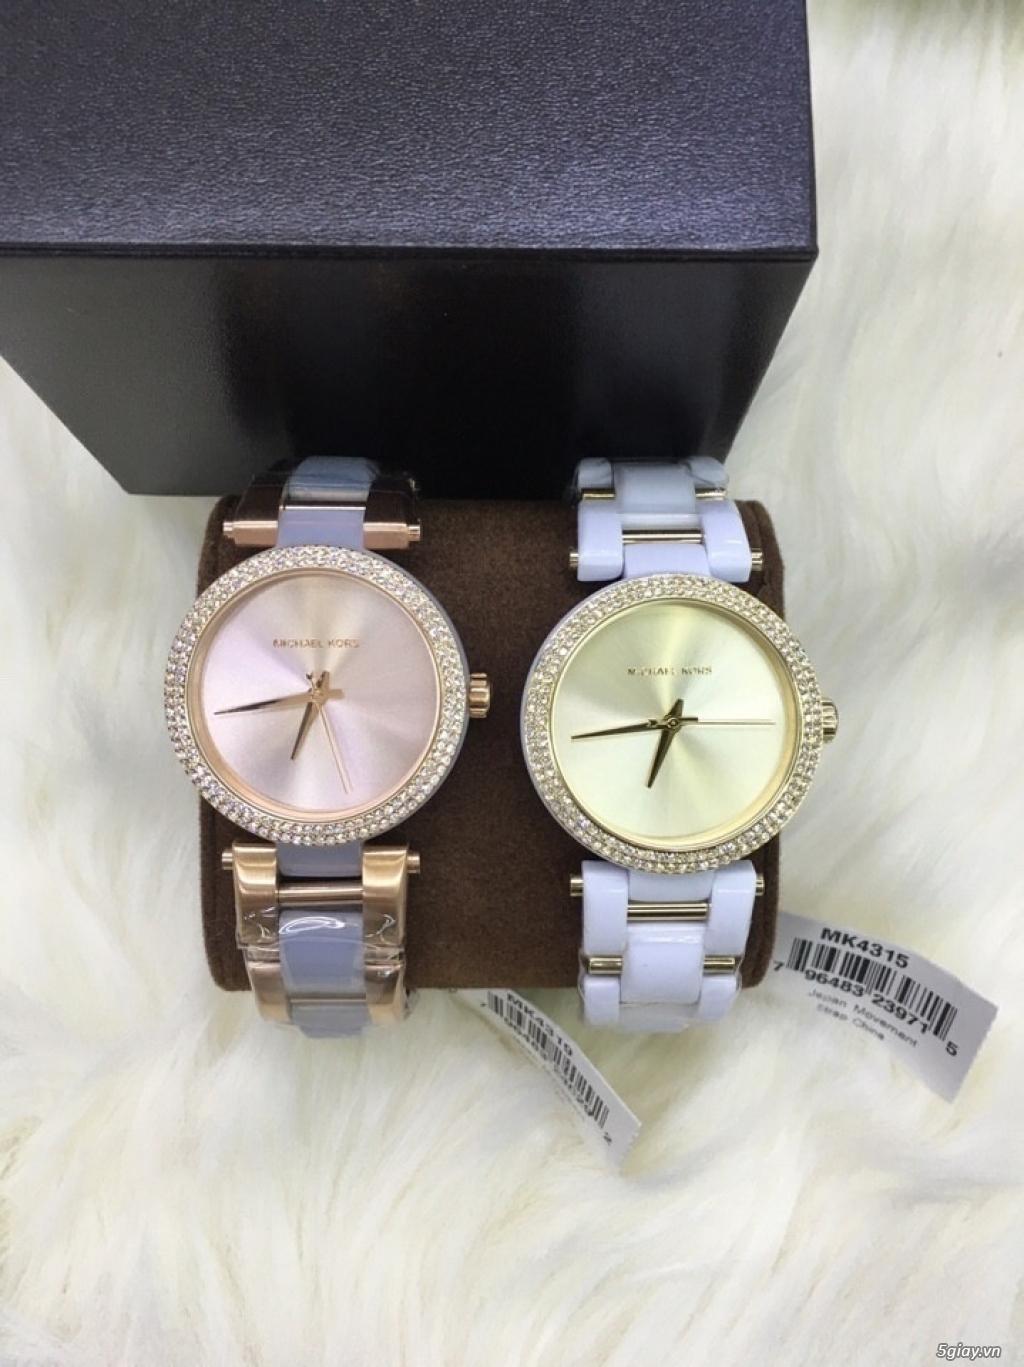 Đồng hồ chính hãng Michael Kors giá rẻ - 32